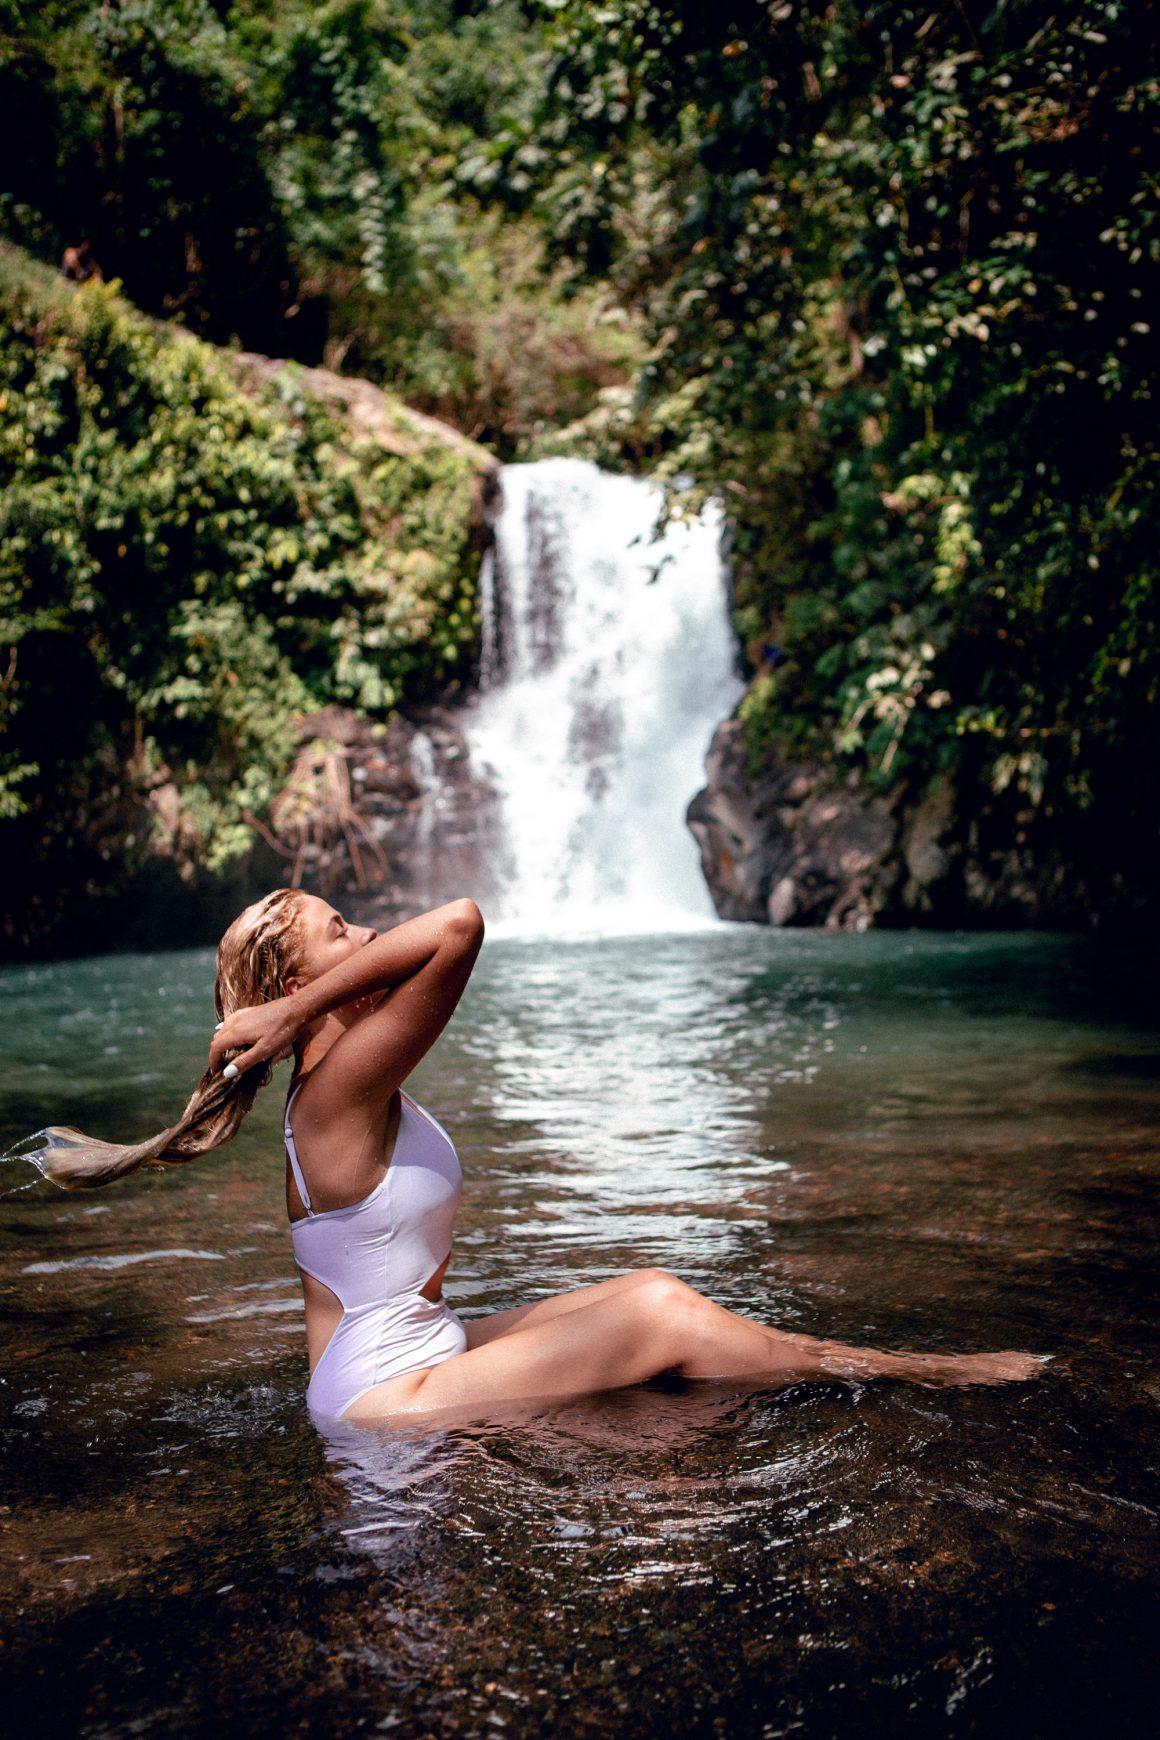 Baignade dans une piscine naturelle